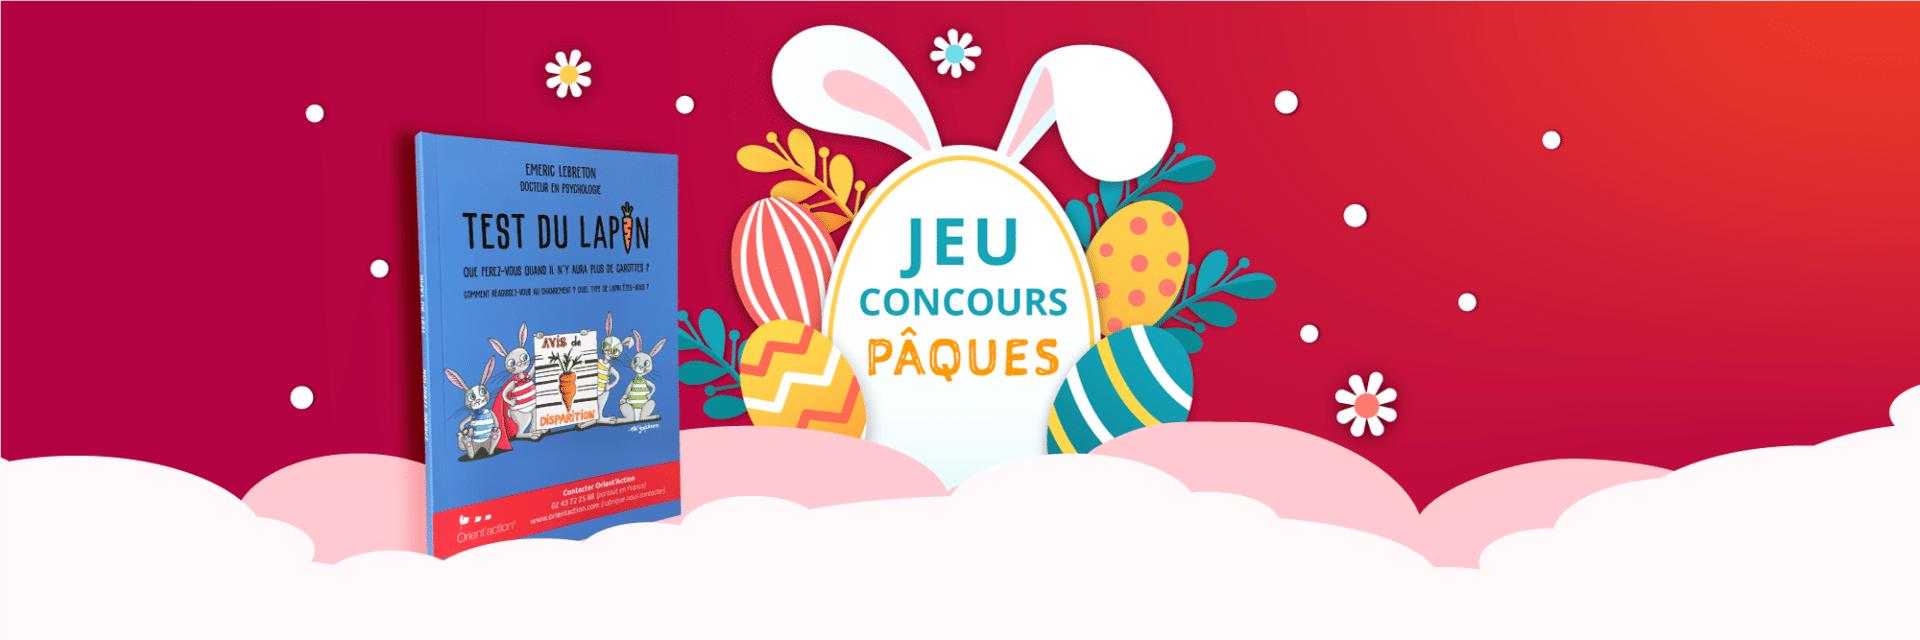 Jeu Concours De Paques 2020 3 Box Cadeaux A Gagner Orient Action